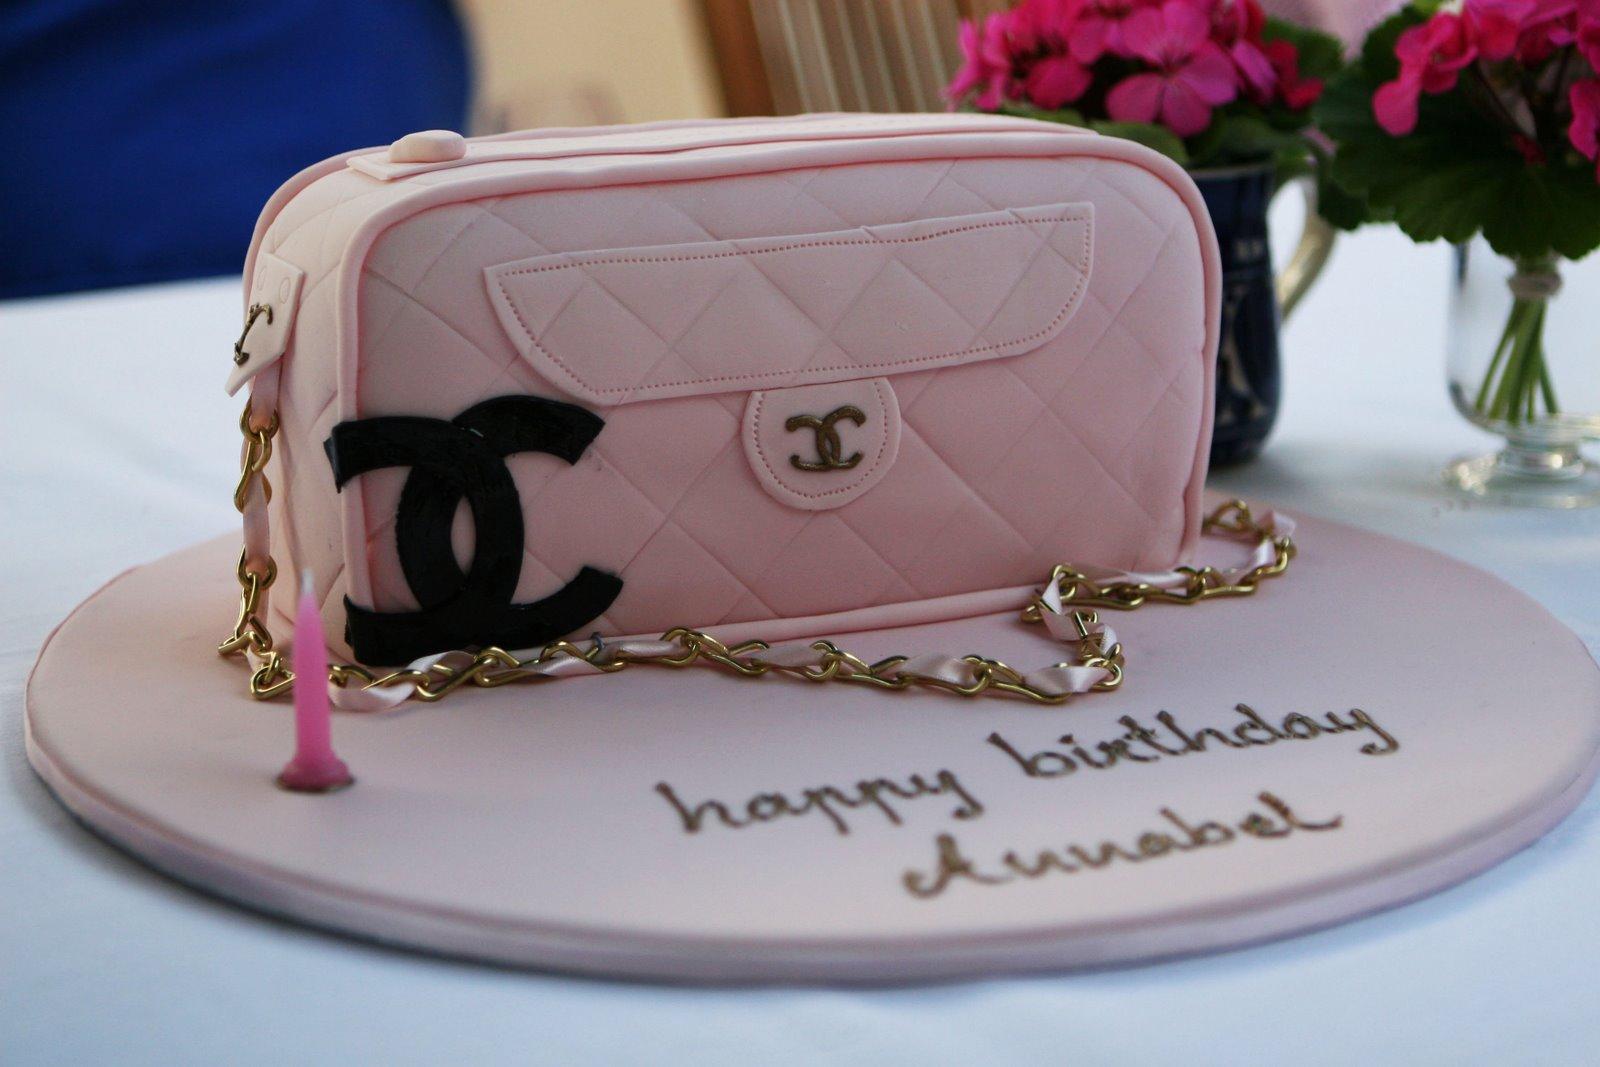 chanel designer handbag bag purse custom pastry cakes for birthdays ...: https://www.lollipuff.com/blog/217/the-best-custom-chanel-cakes